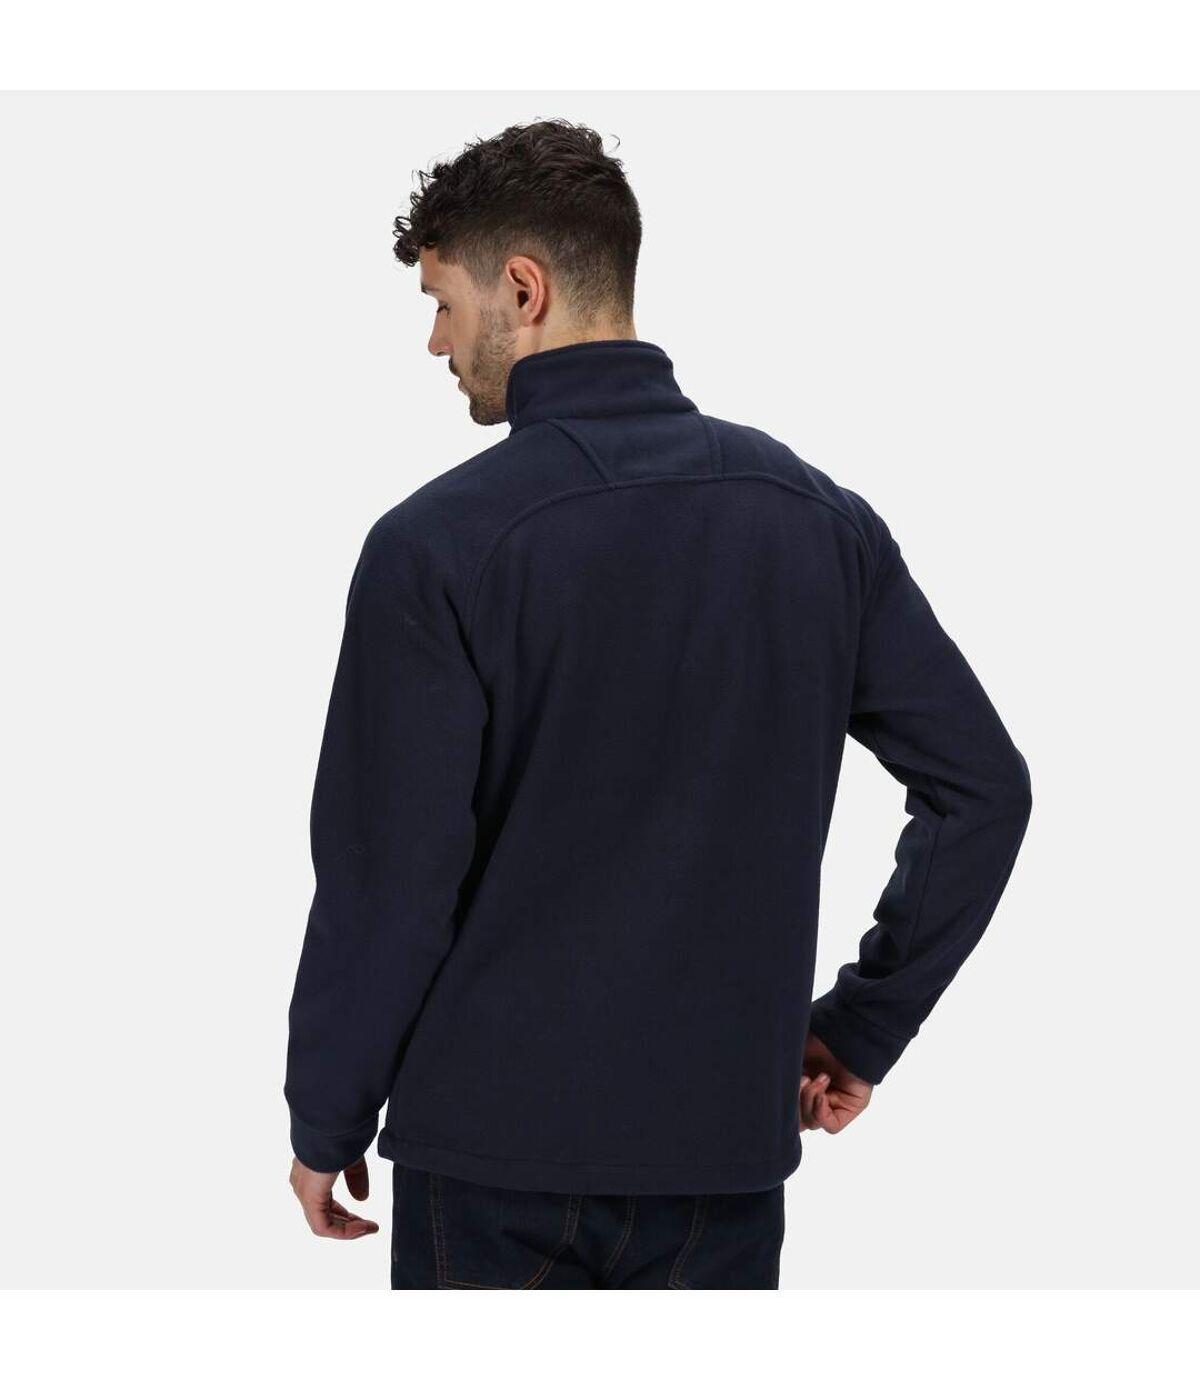 Regatta - Veste polaire SIGMA - Homme (Vert bouteille) - UTBC809